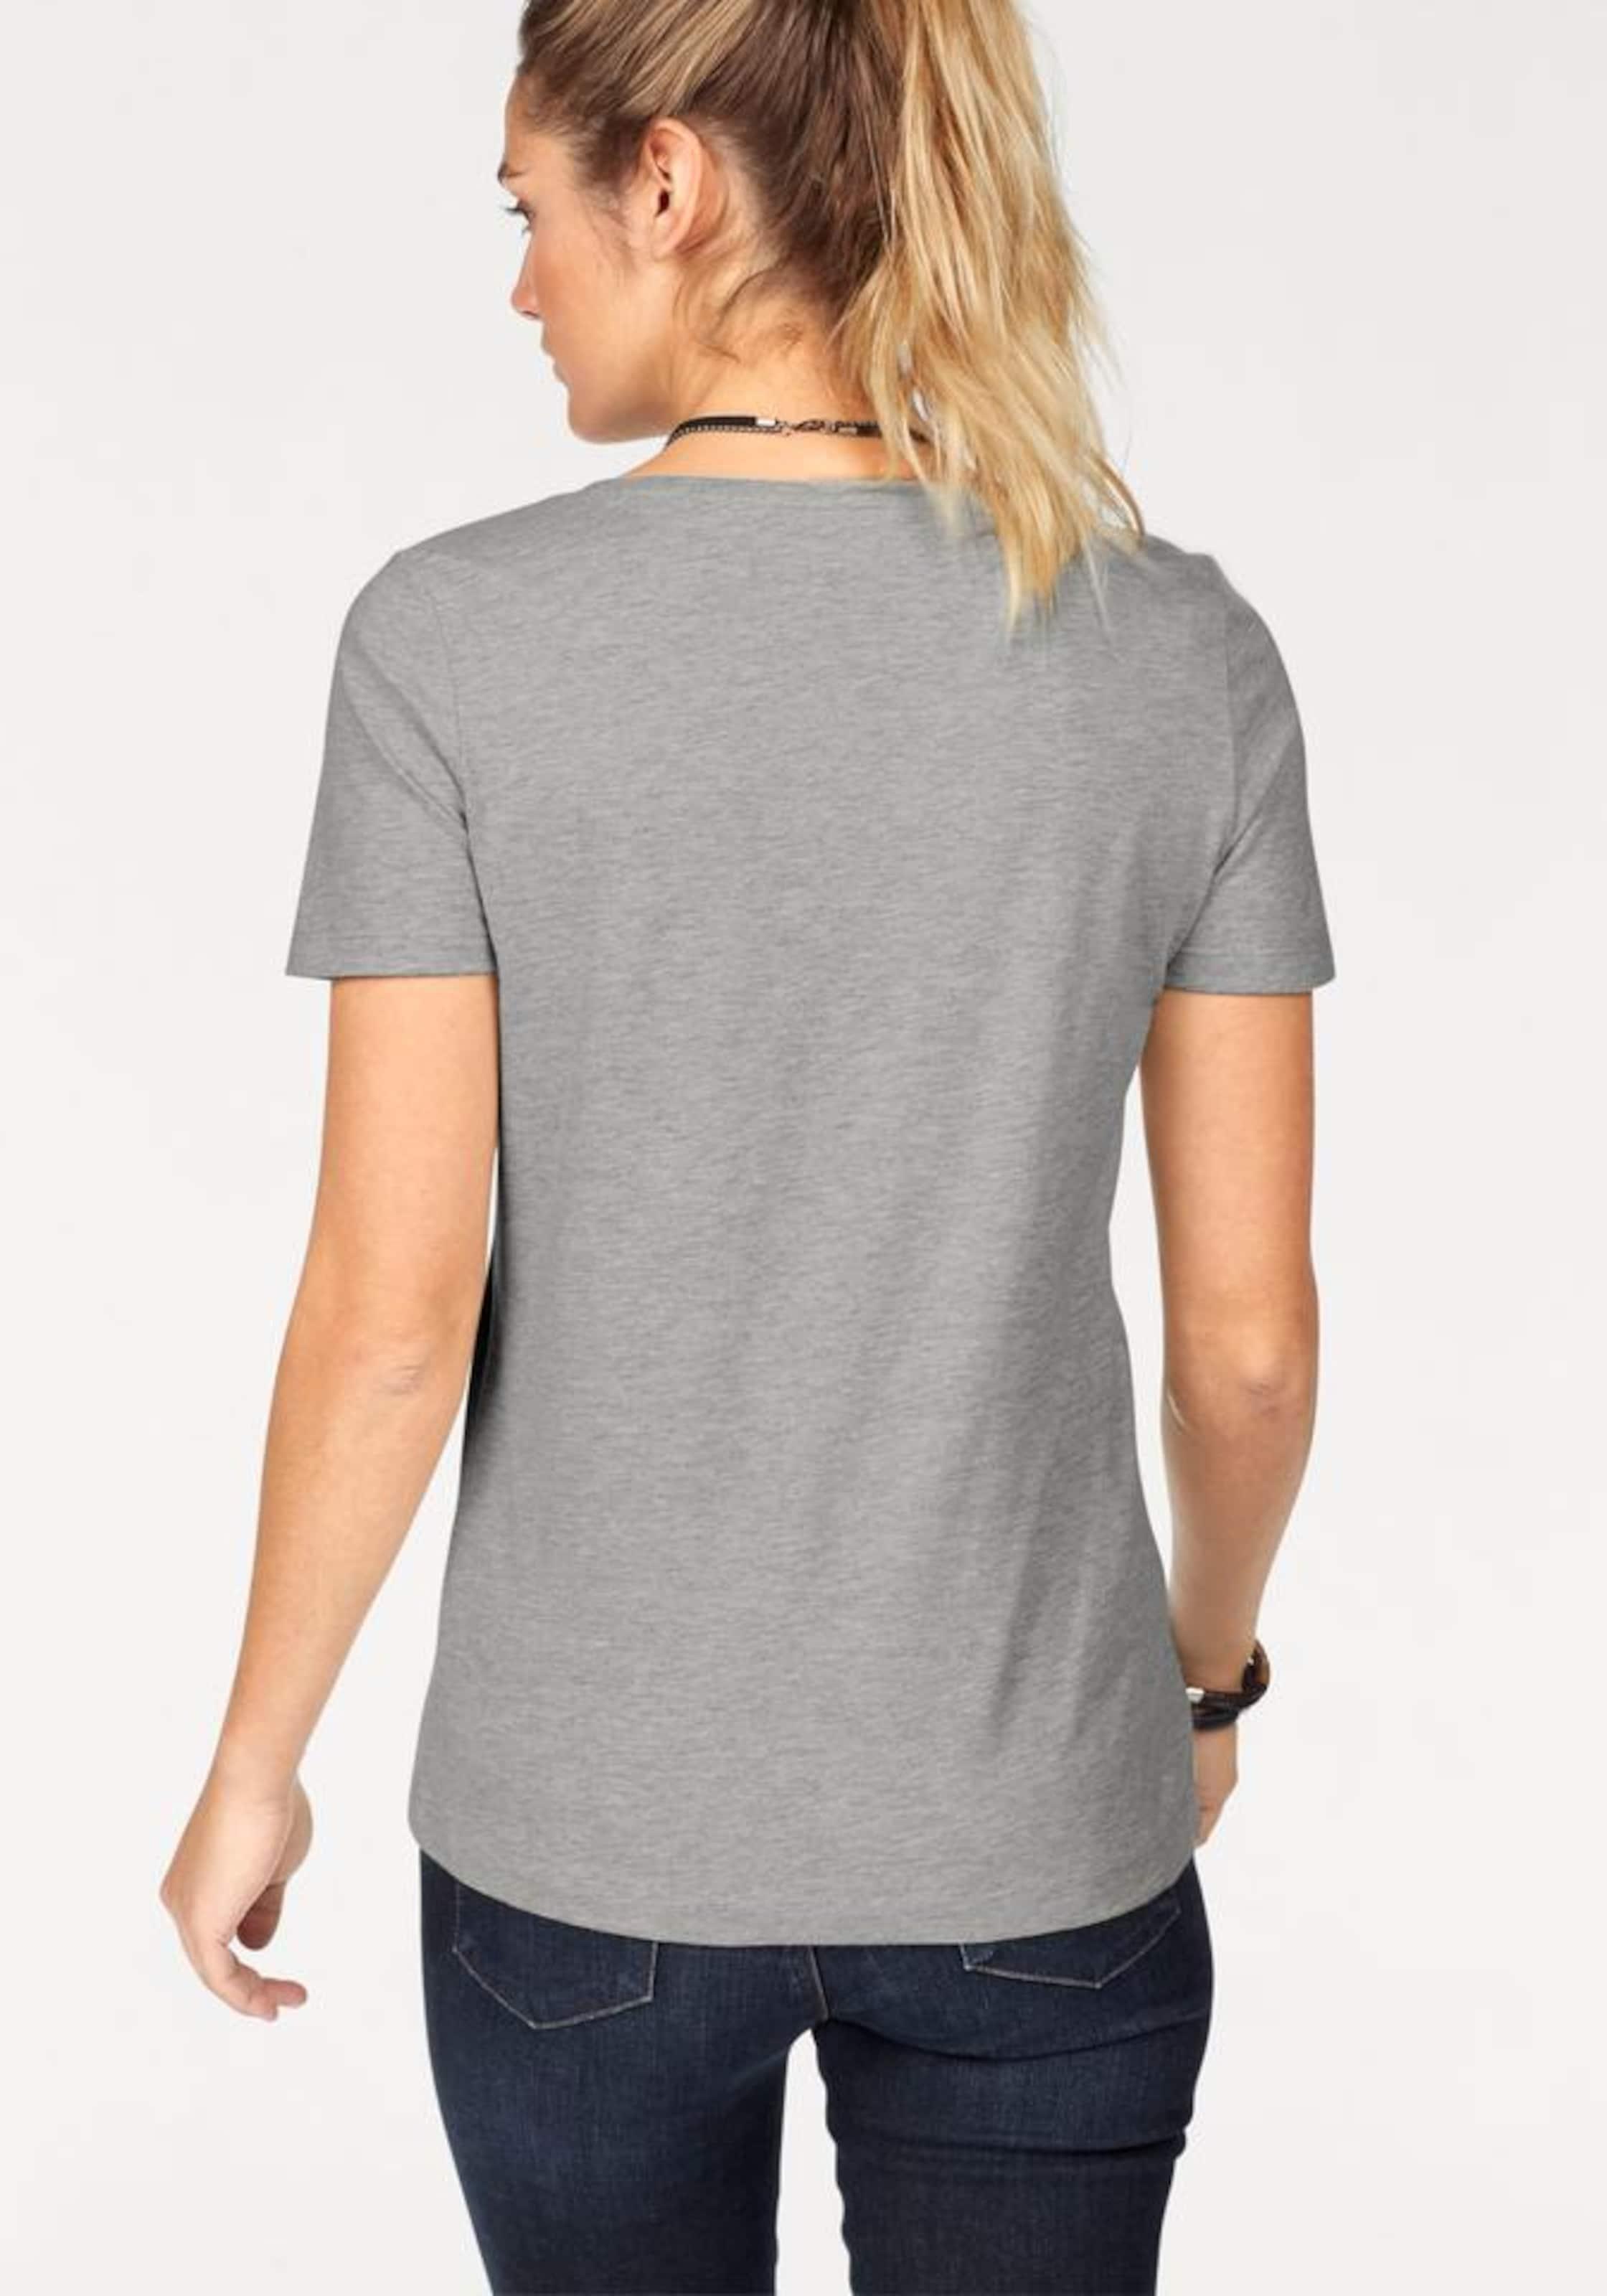 H.I.S H.I.S T-Shirt Offizielle Seite pt8bC6